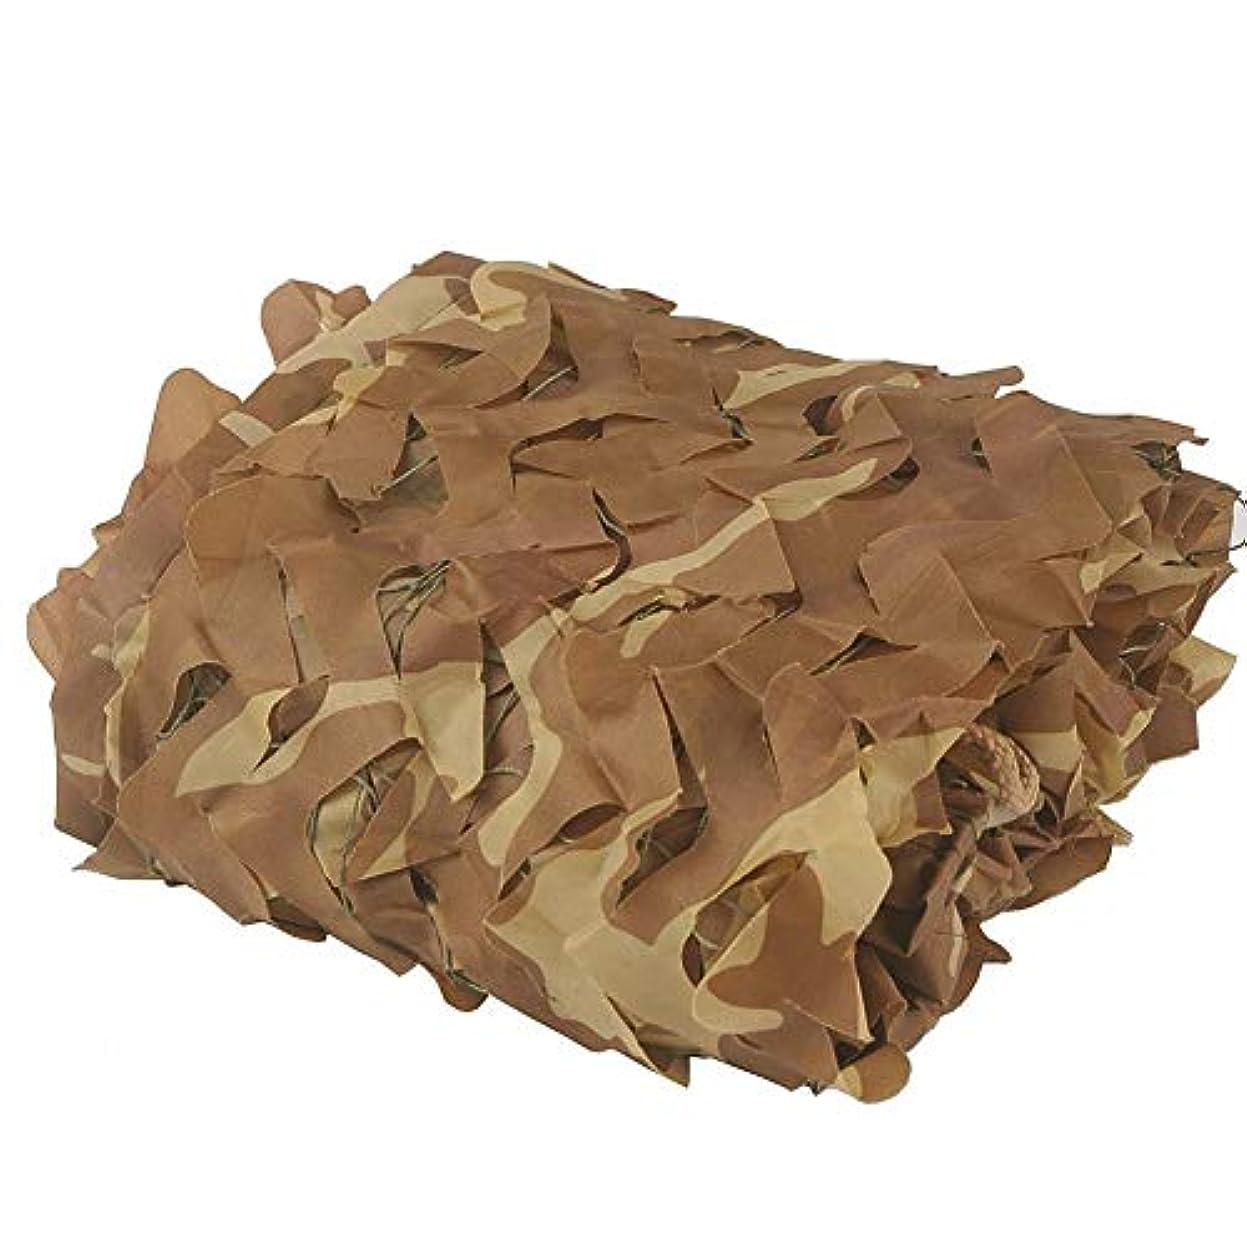 処方する溶融あいまいカスタムホワイト迷彩ネットキャンプ軍事狩猟迷彩ネット (Color : Desert camouflage, Size : 9x12m)